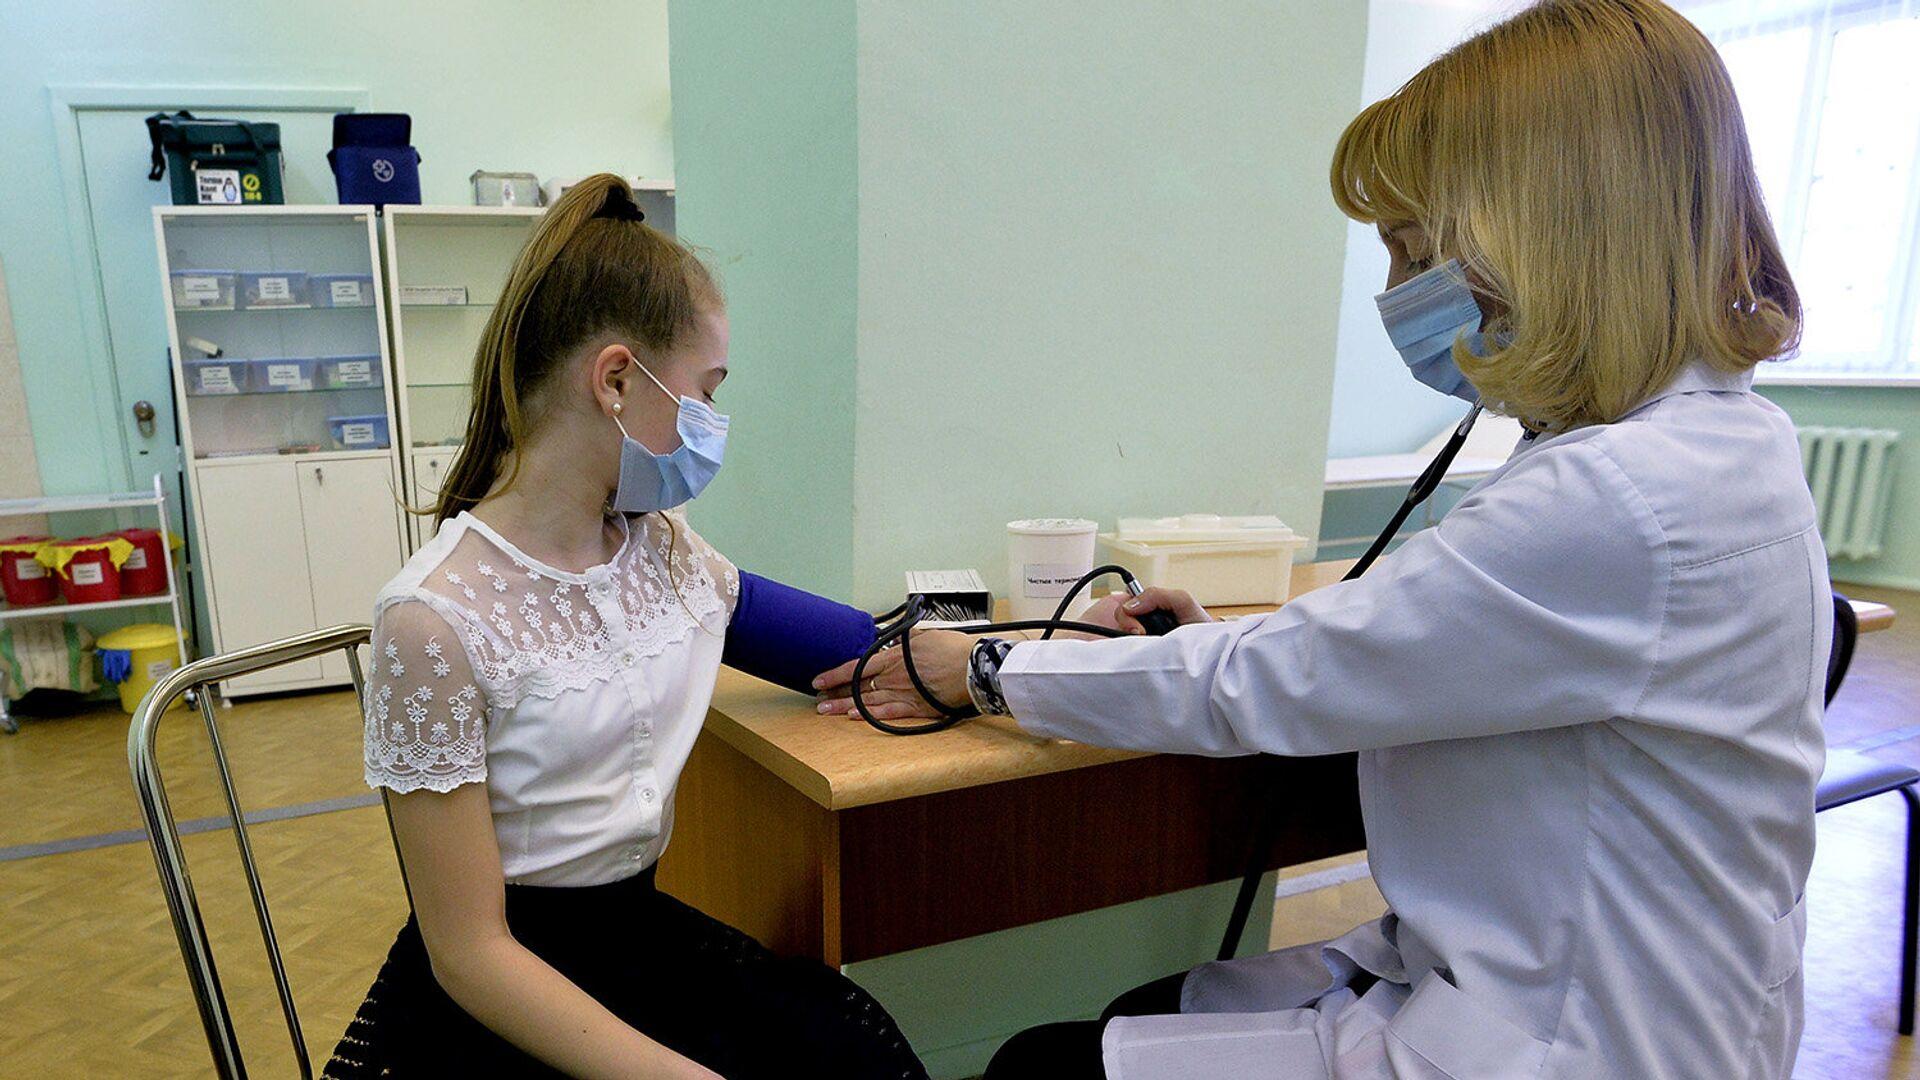 В России 13 тысяч врачей-волонтеров обслуживают четыре миллиона человек - РИА Новости, 1920, 31.08.2021